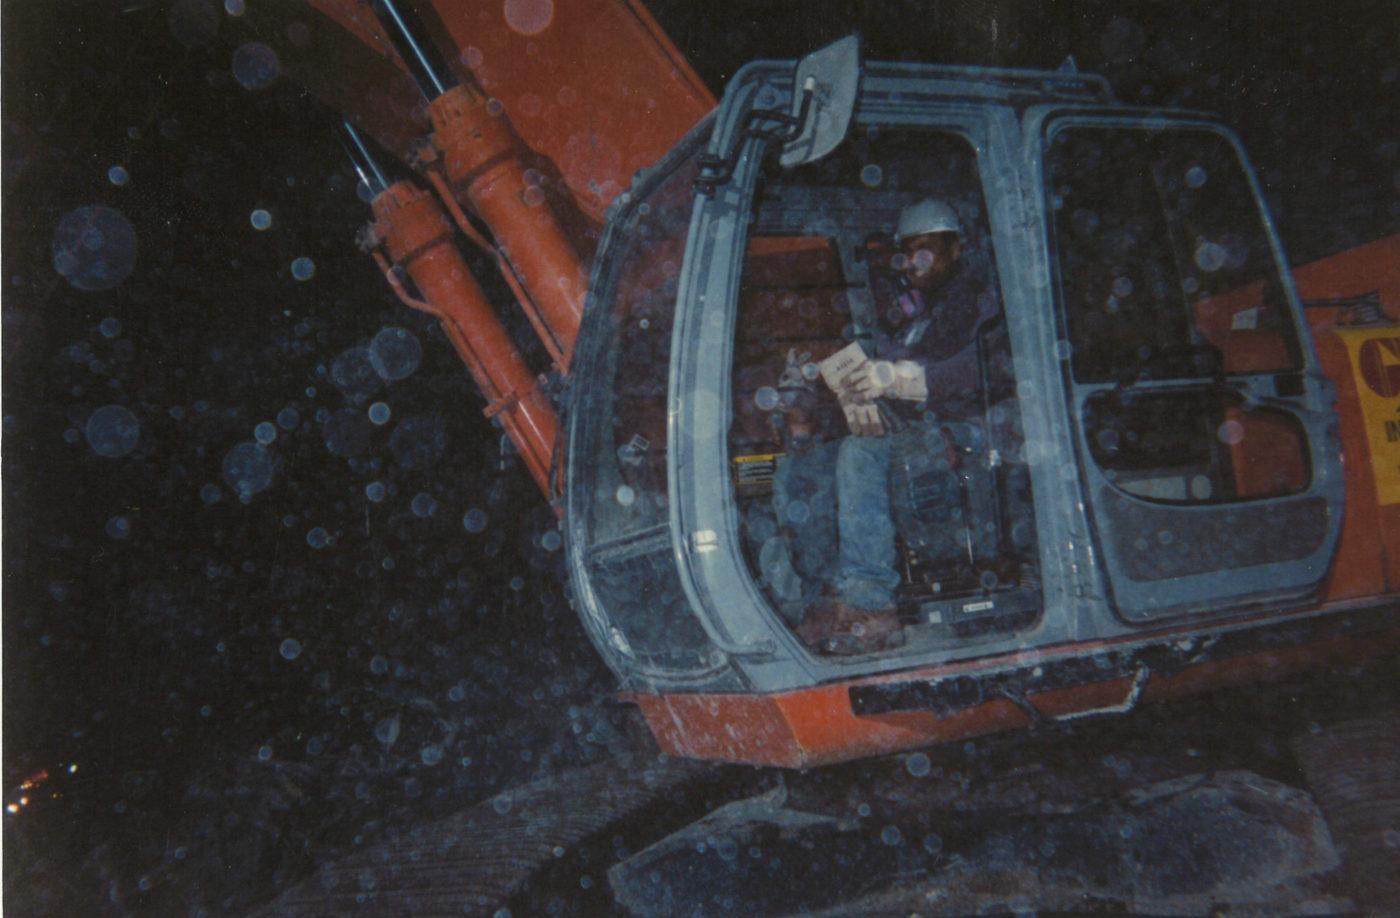 Worker at Night at Ground Zero